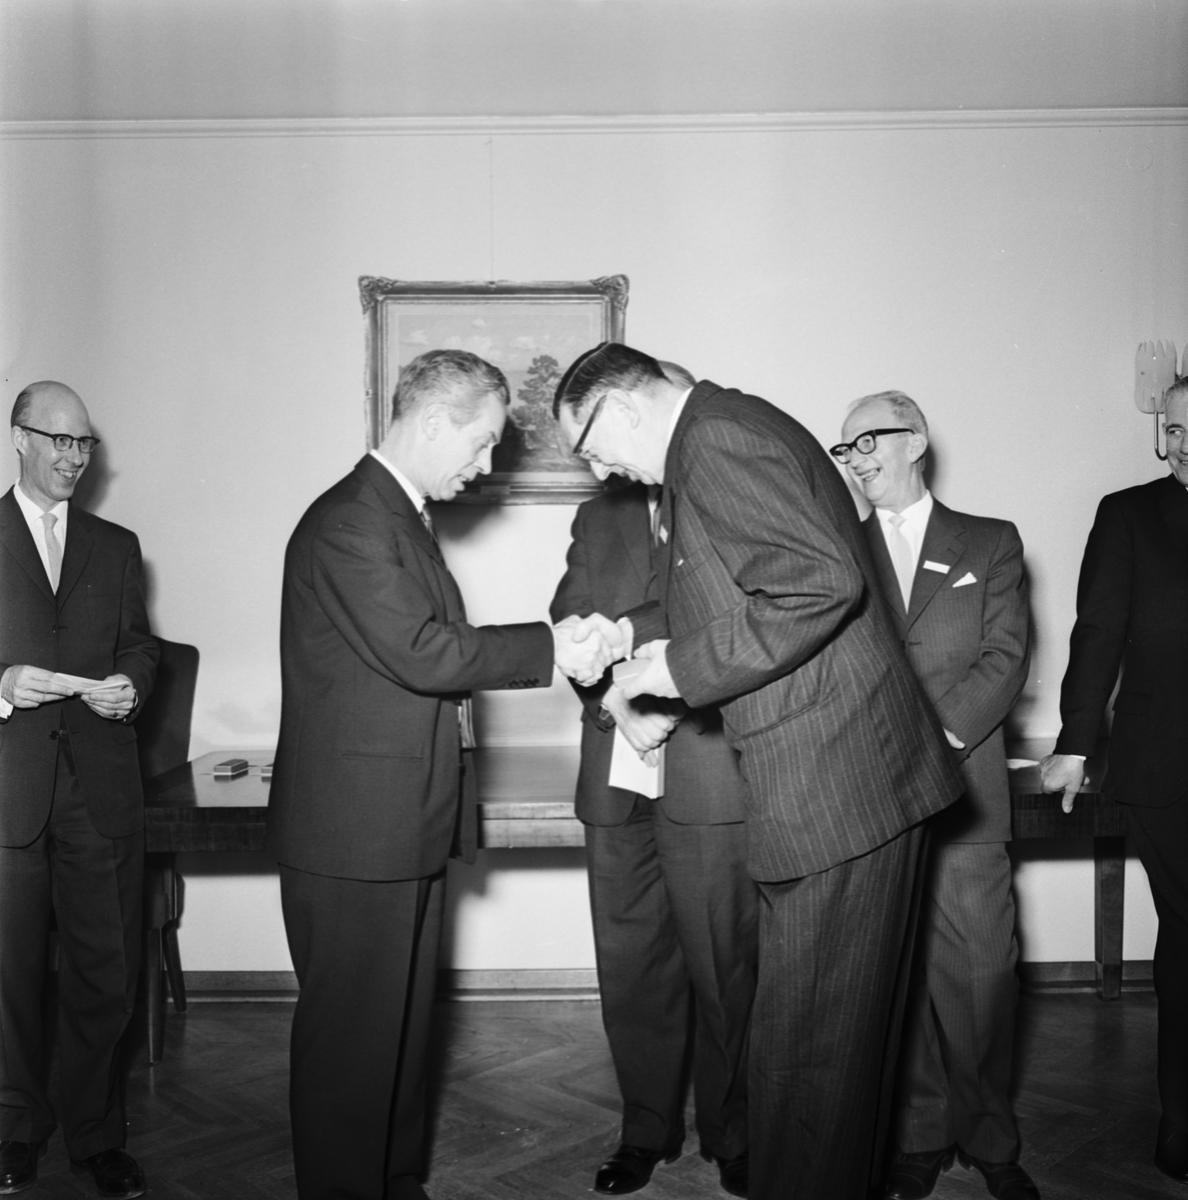 Övrigt: Foto datum: 16/12 1964 Verkstäder och personal. Pensionärsfest Rosenfeldt (lucia)